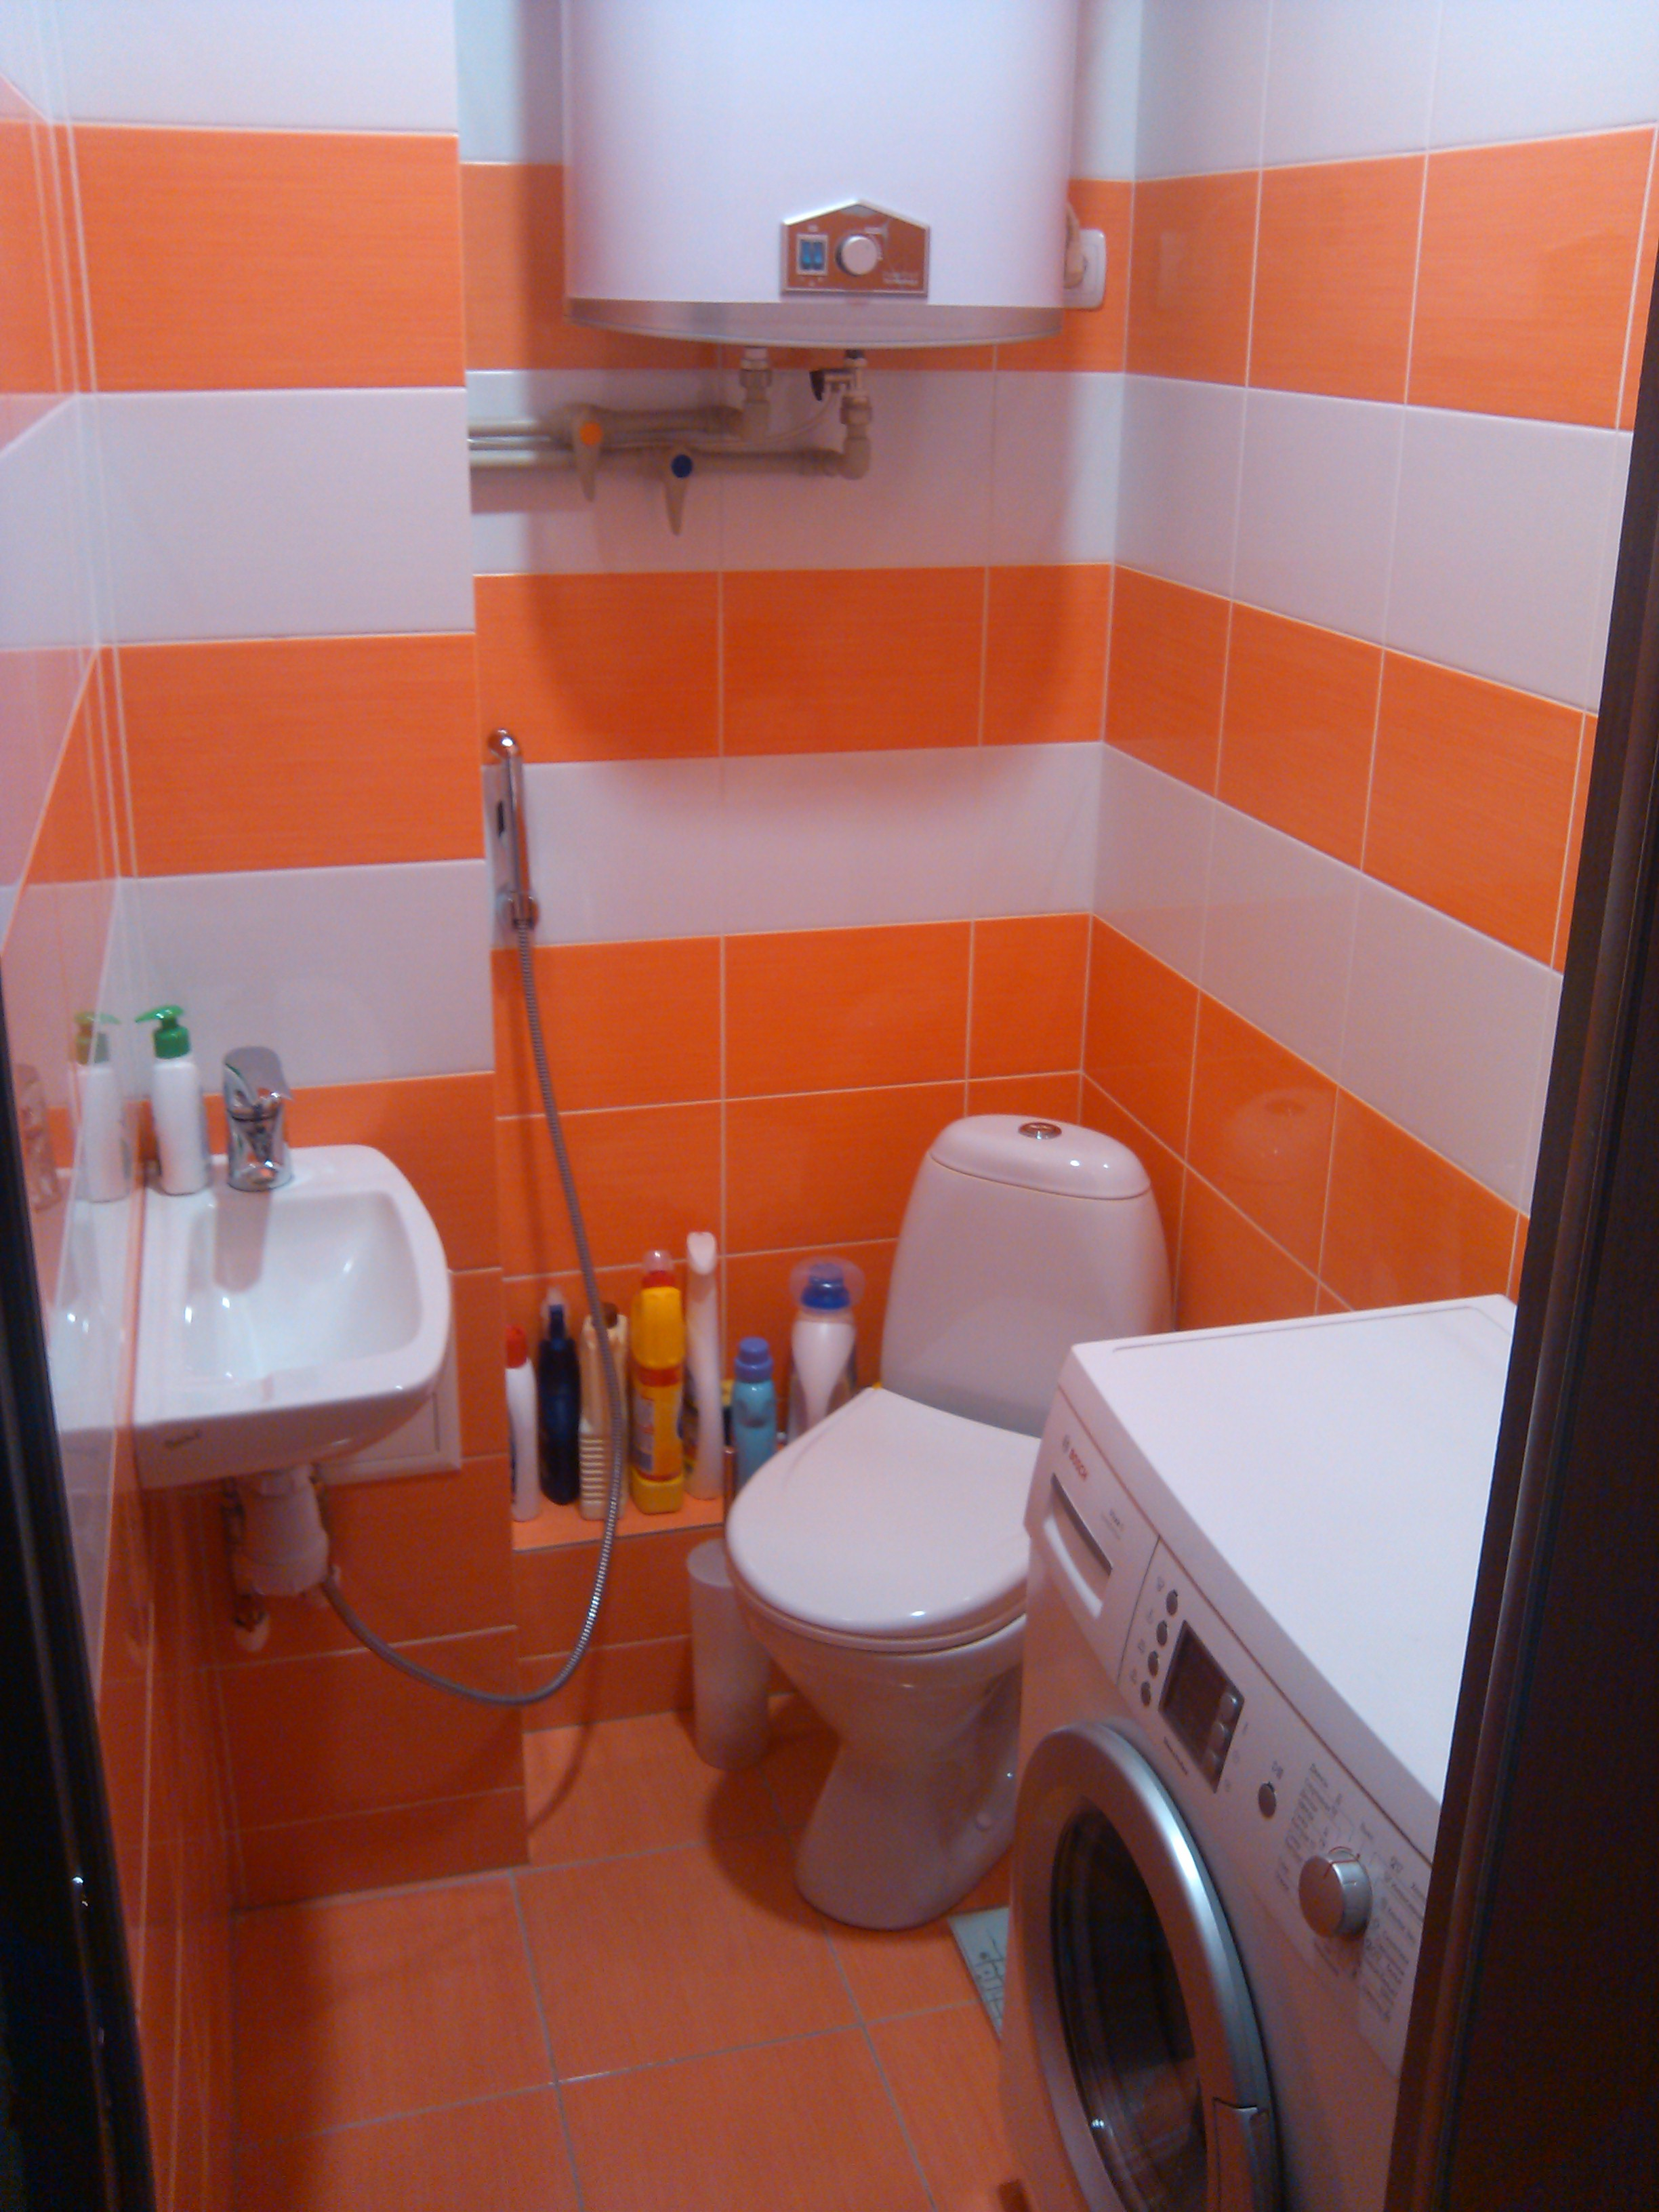 Требуется живой туалет 17 фотография